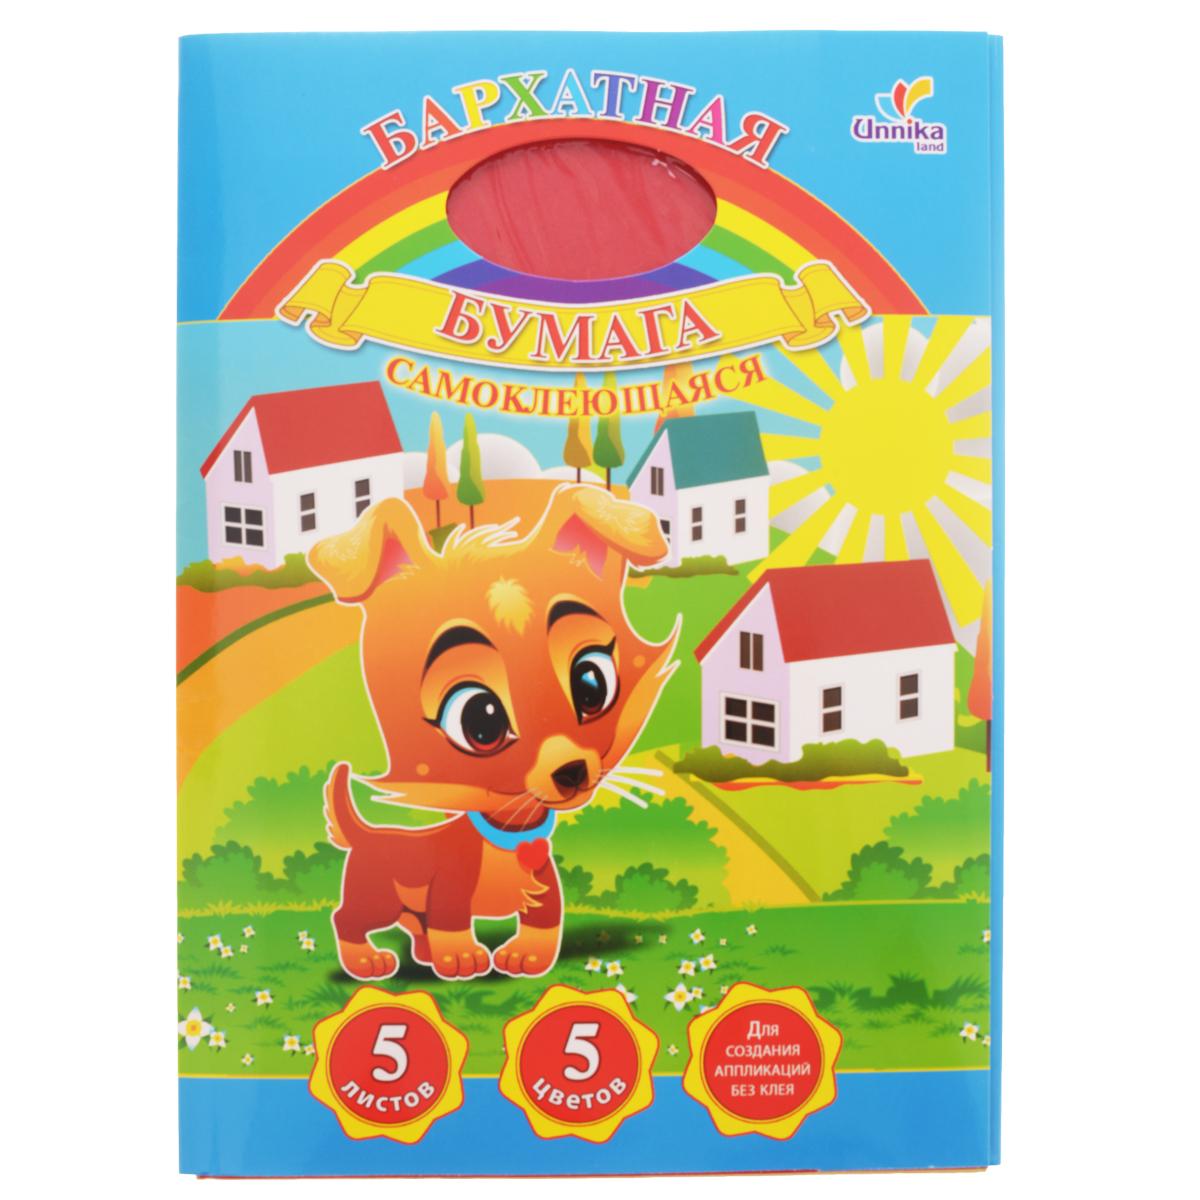 Цветная бумага Unnikaland Собачка на лужайке, бархатная, самоклеющаяся, 5 цветов бумага цветная бархатная самоклеящаяся паучок 5 листов 5 цветов с0349 01